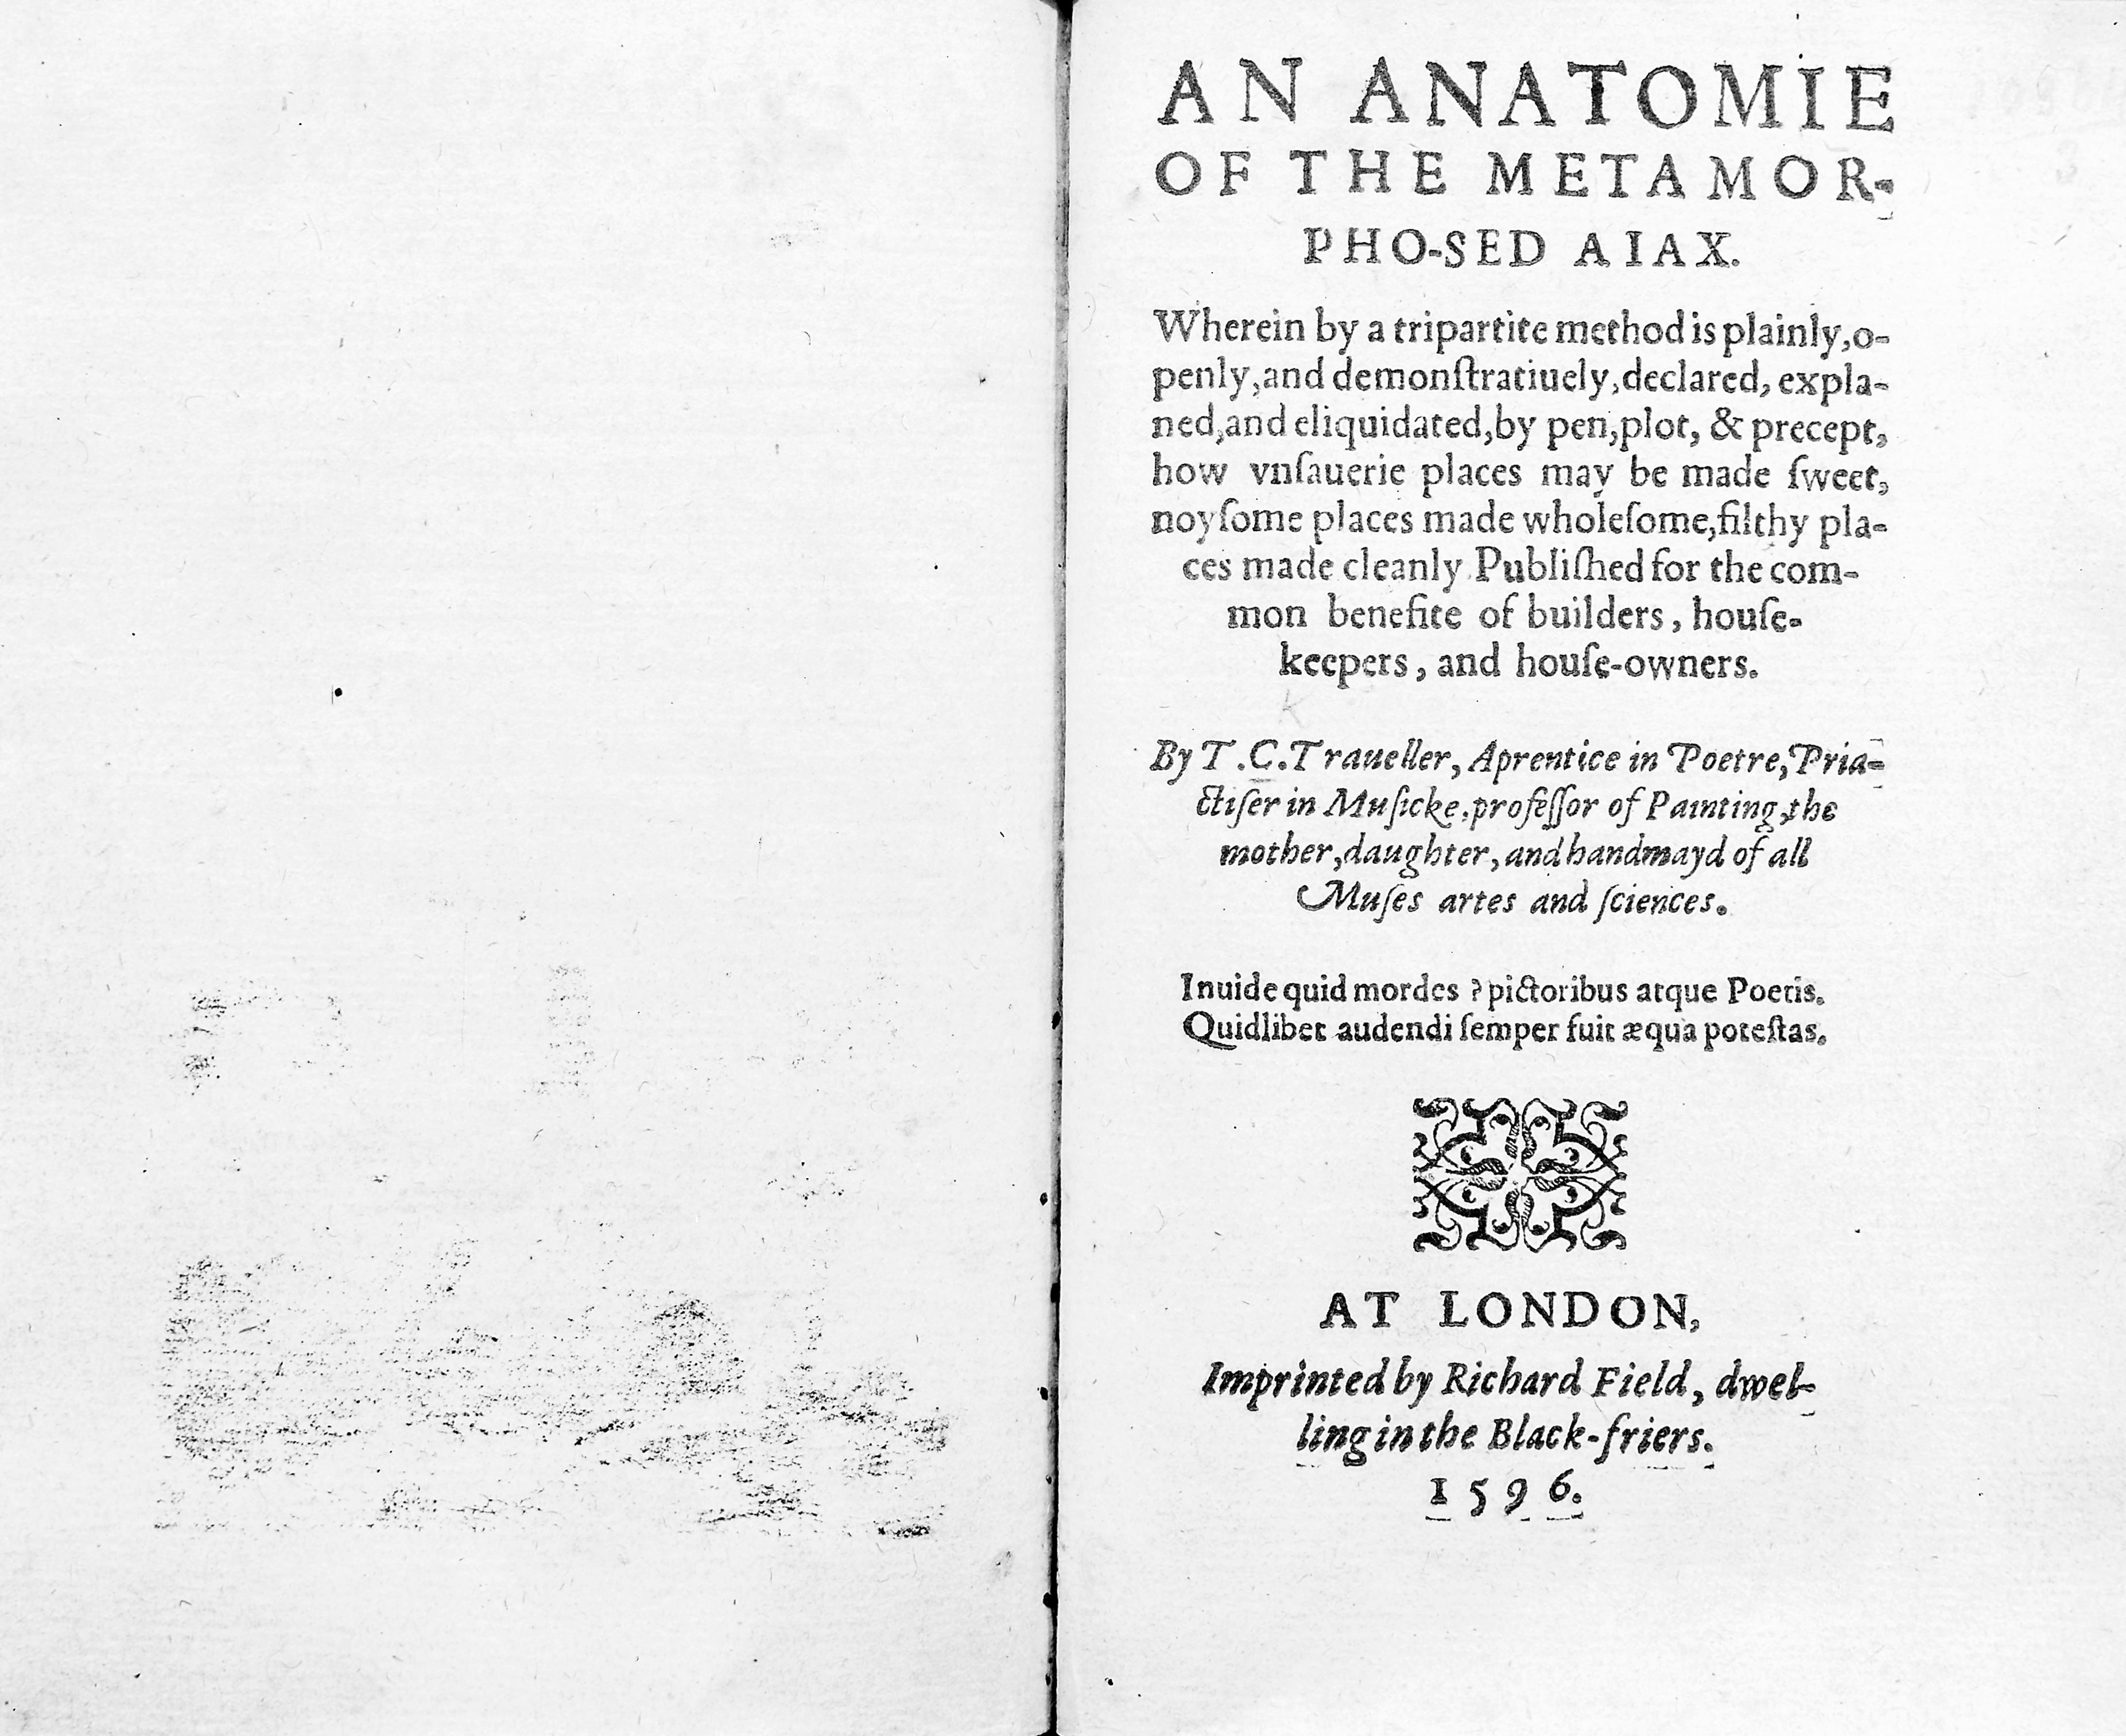 Ziemlich Anatomie Eines Mordes Saul Bass Fotos - Anatomie Ideen ...